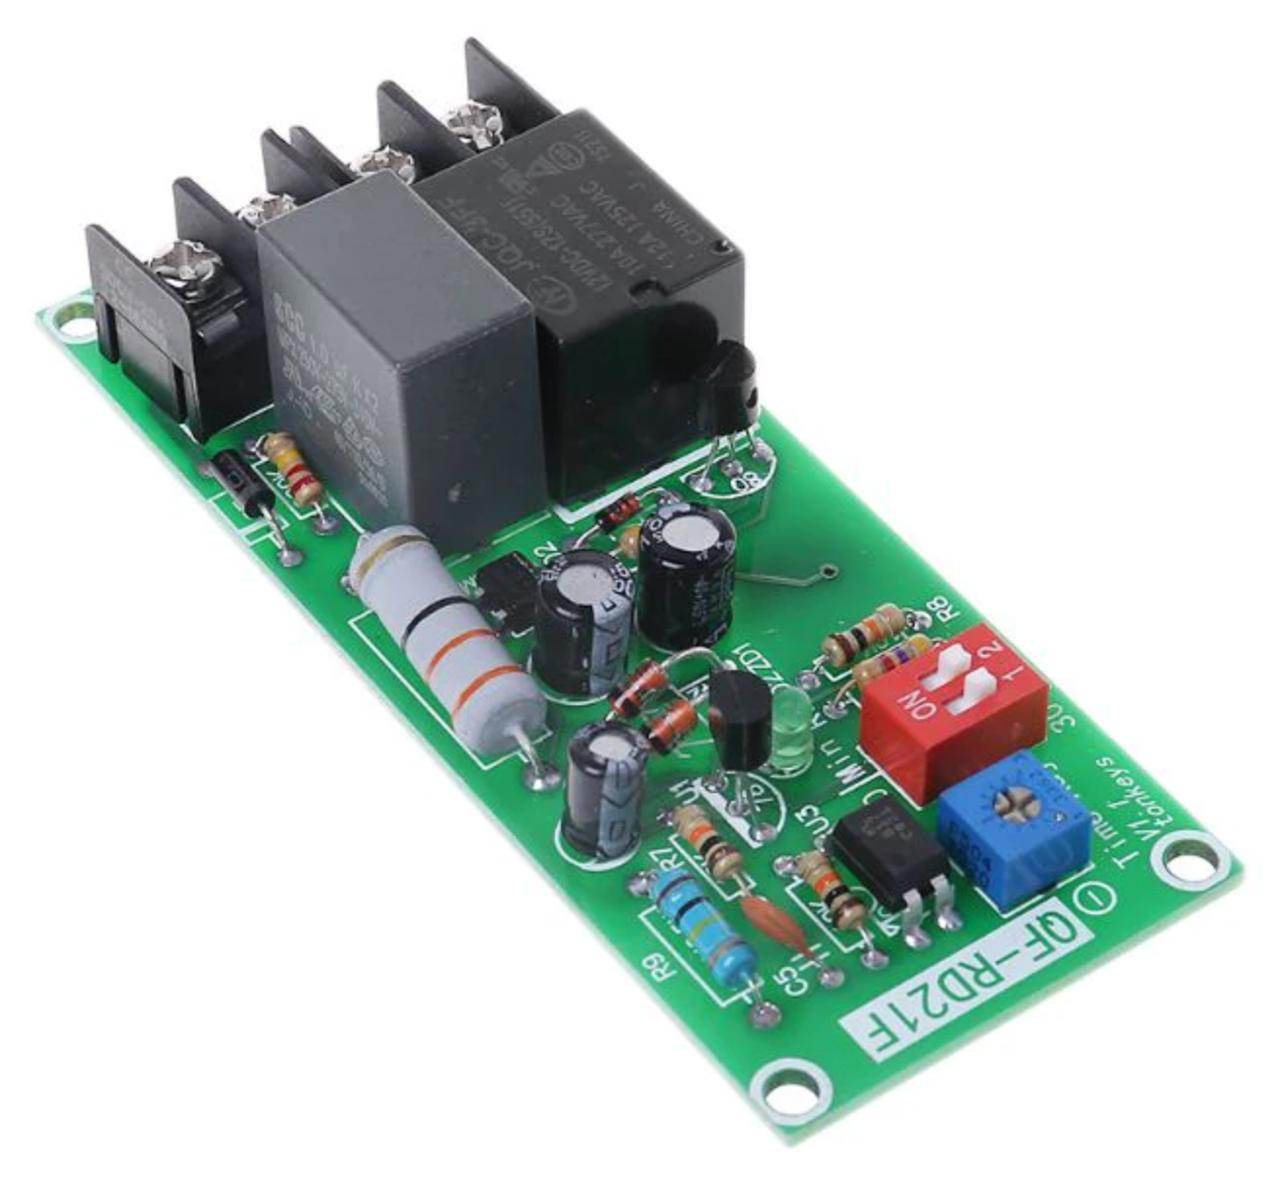 Релейний модуль затримки вимкнення для охолодження витяжного вентилятора 220В